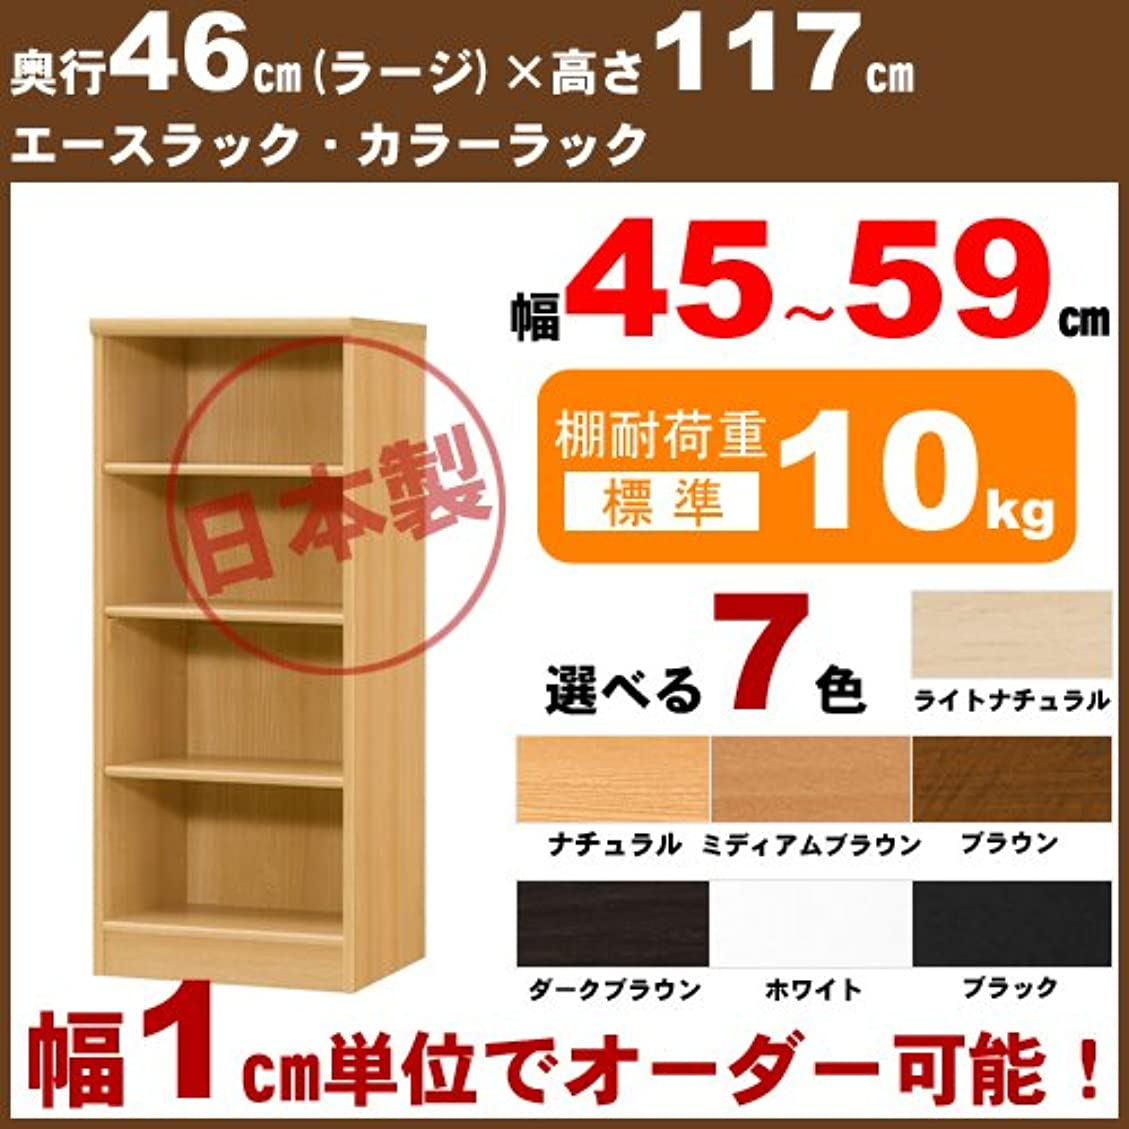 四分円賠償乳製品オーダー本棚 カラーラック【幅59cm,奥46cm,高117cm,ホワイト,標準】